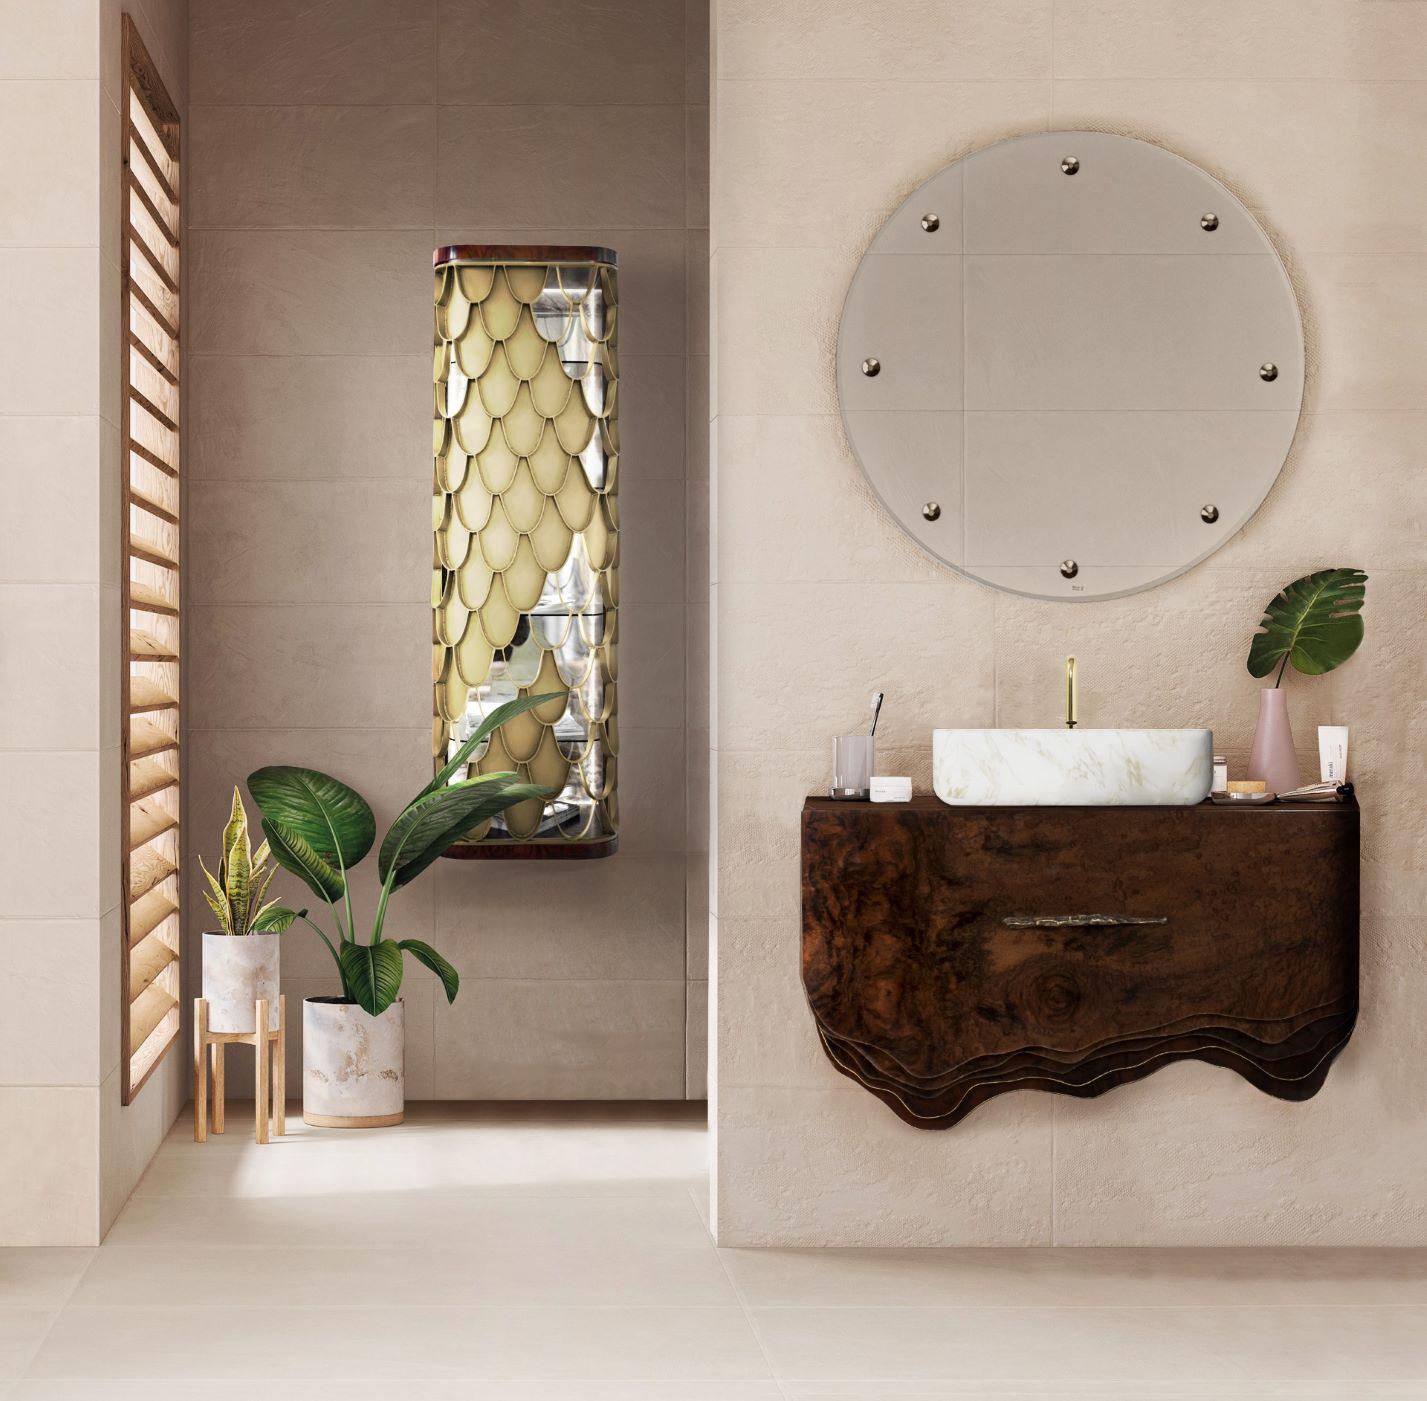 Minimalist Bathroom Ideas For 2020 minimalist bathroom ideas Minimalist Bathroom Ideas For 2020 WhatsApp 2019 11 22 at 10